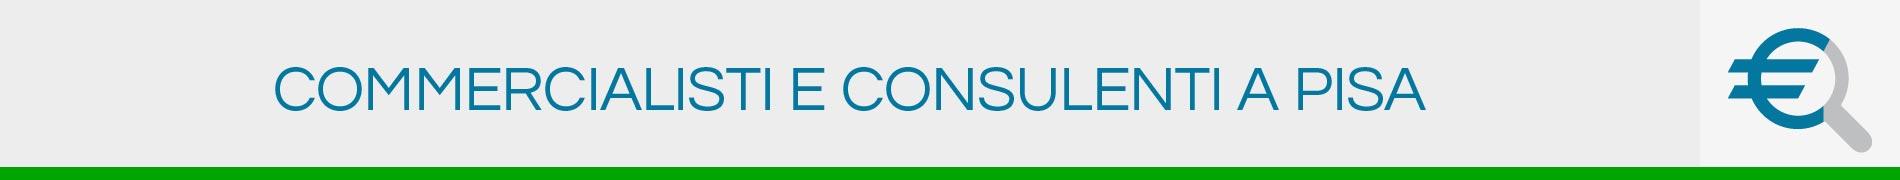 Commercialisti e Consulenti a Pisa